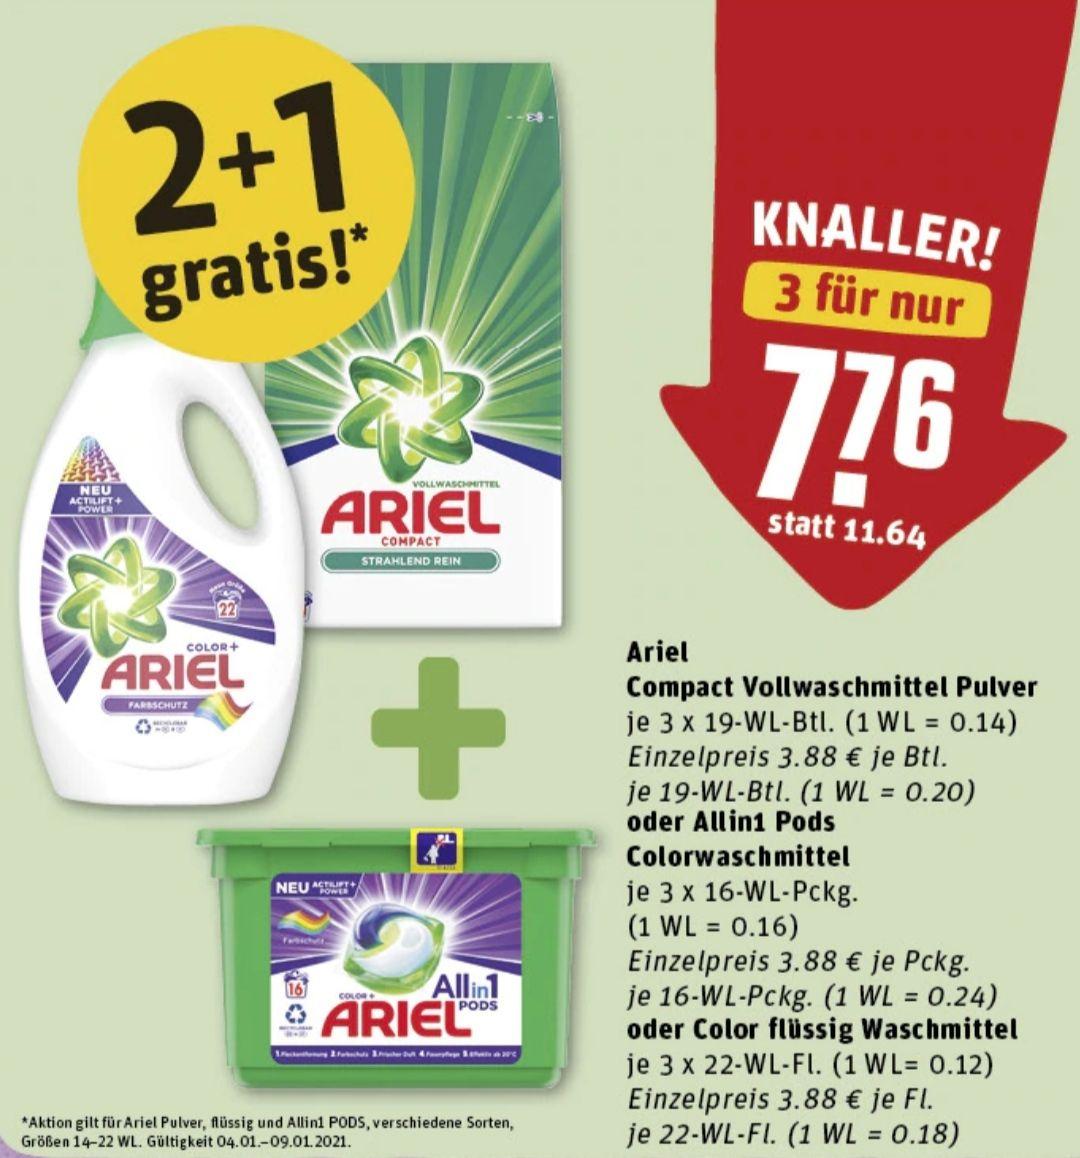 [REWE] 3x Ariel Allin1 Pods 16WL für 7,76€ (+600 Payback Punkte = 6€) (Personalisiert)